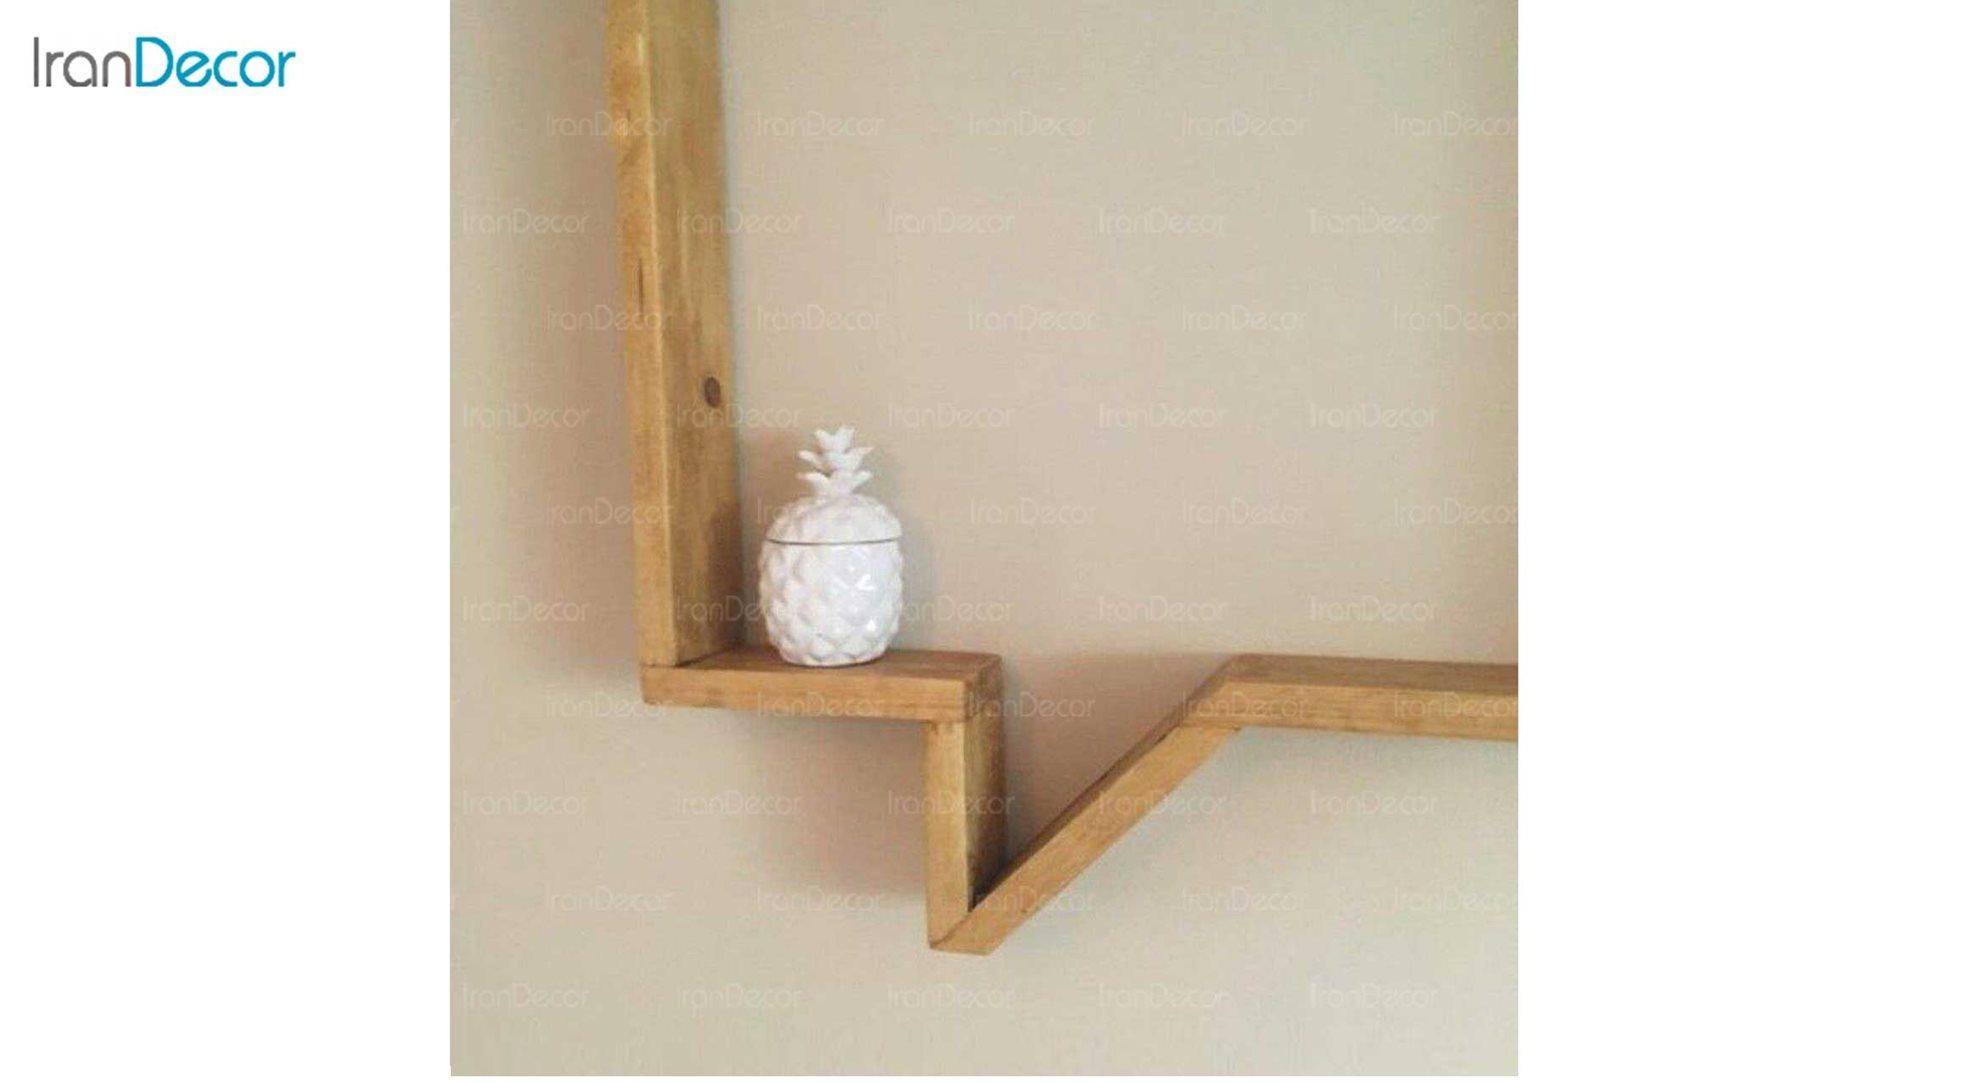 شلف و طبقه دیواری چوبی رومادون مدل 3027